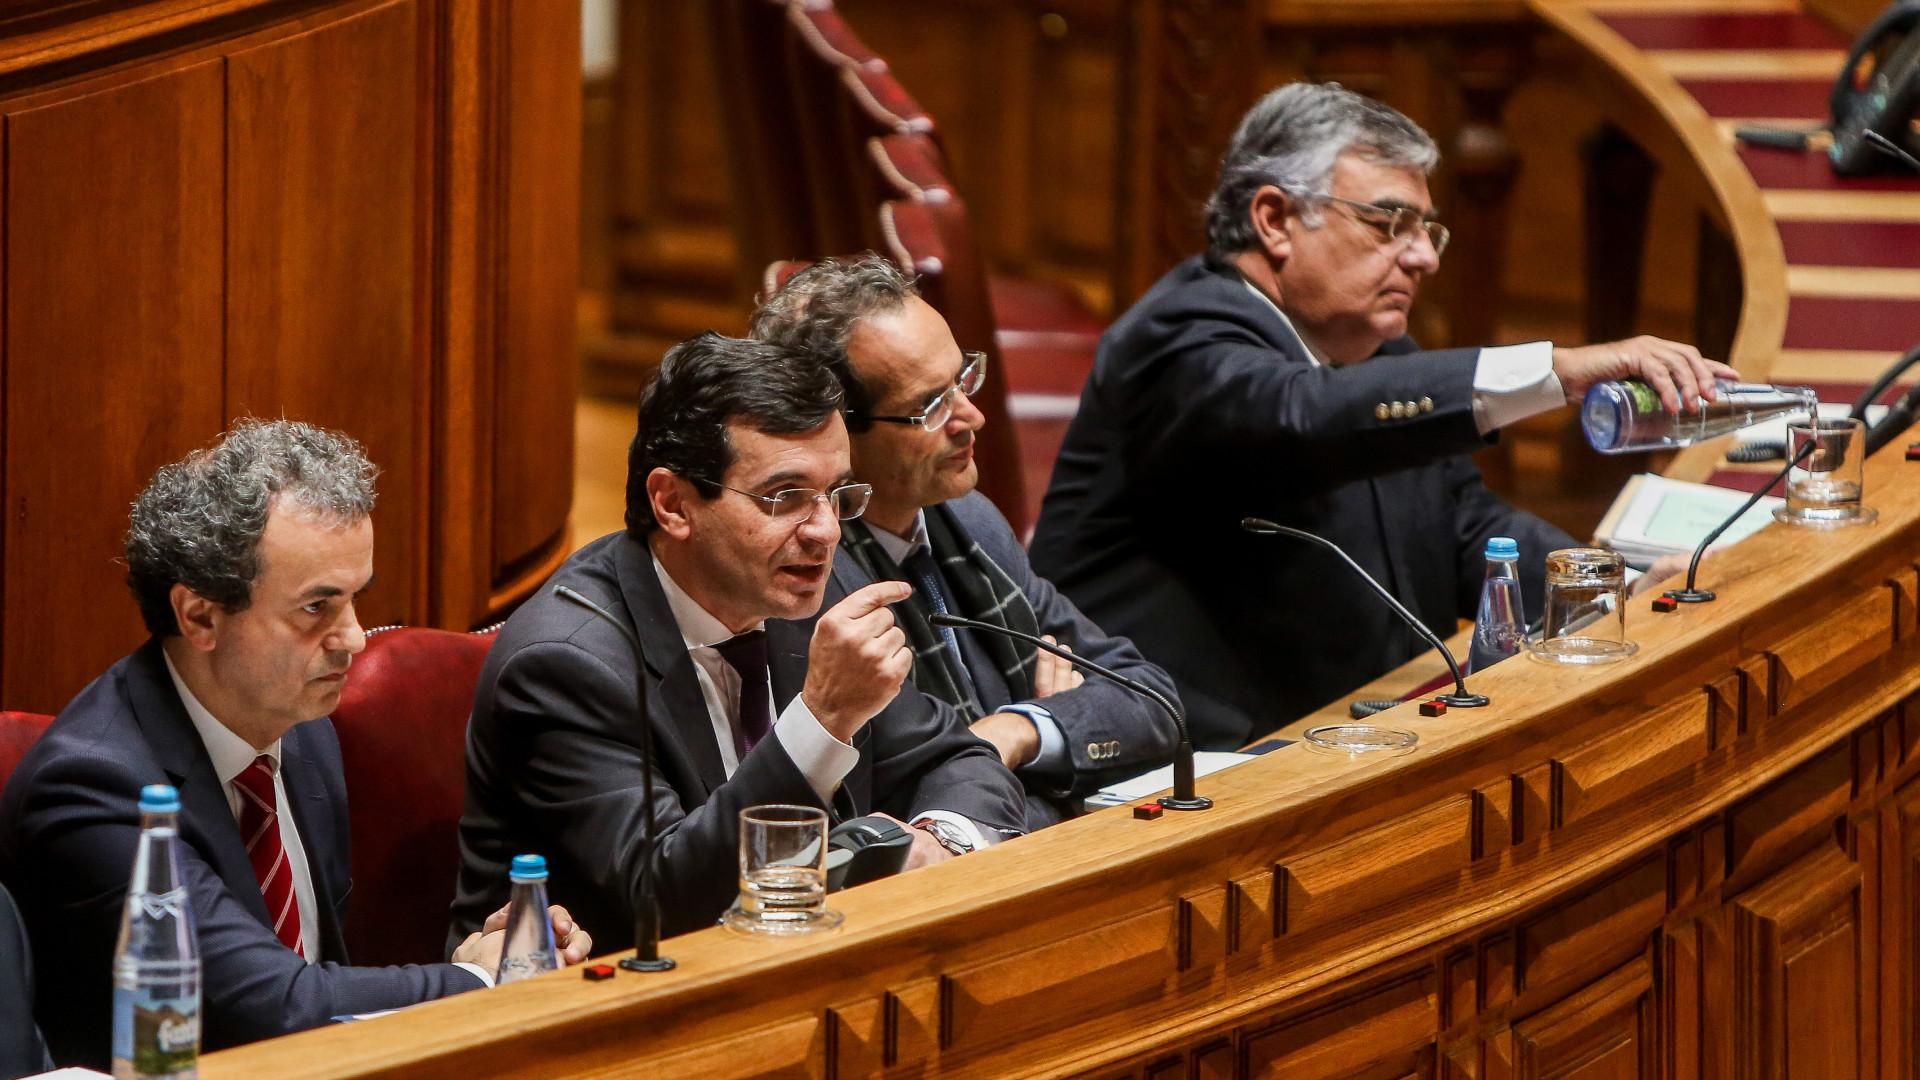 Ministro pede desculpas a vítimas do surto de Legionella